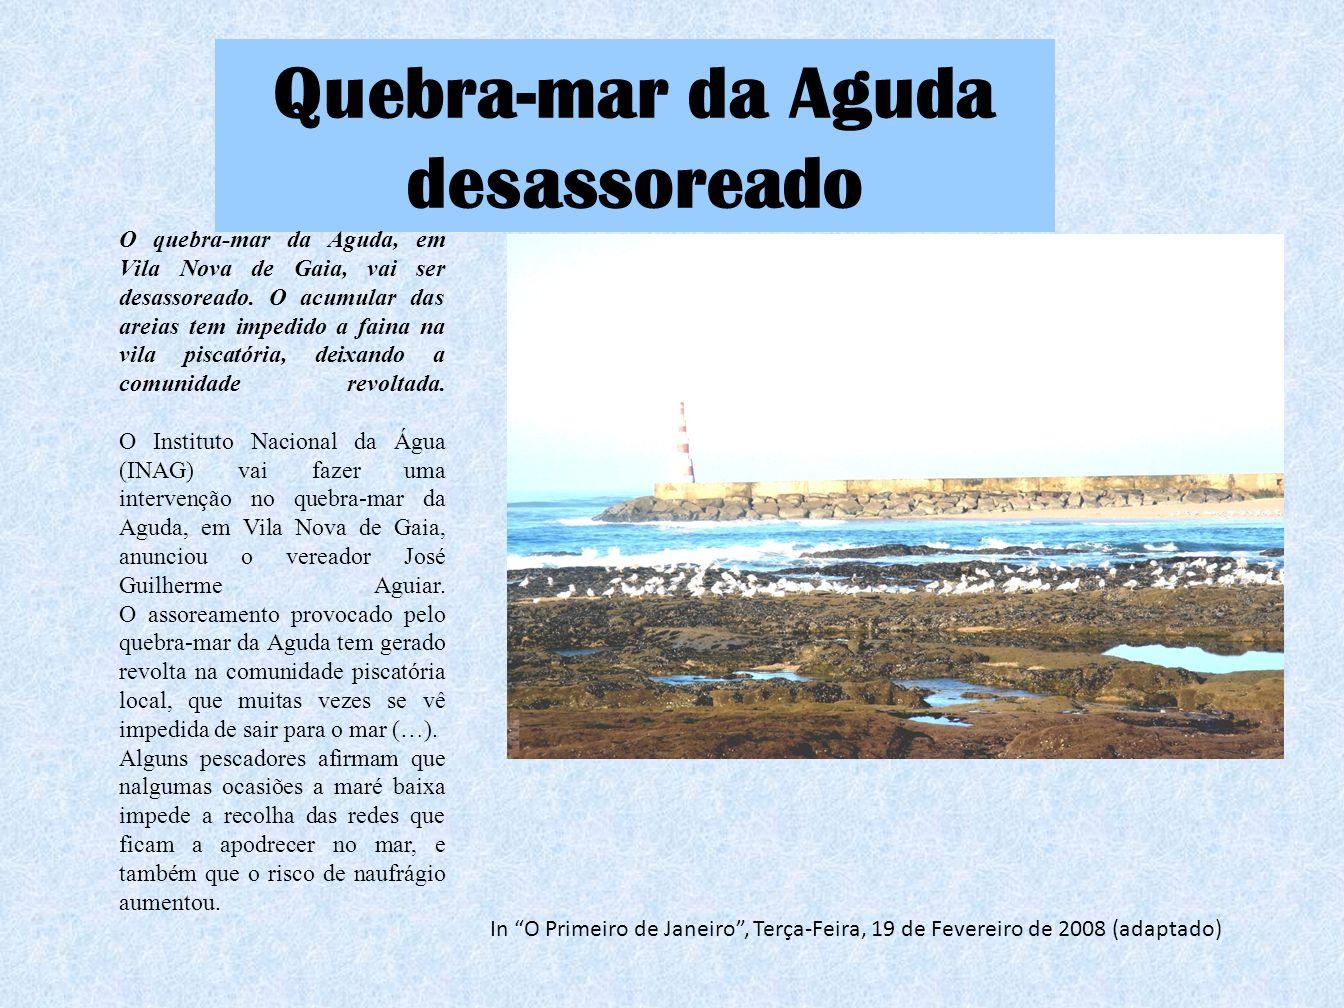 Quebra-mar da Aguda desassoreado O quebra-mar da Aguda, em Vila Nova de Gaia, vai ser desassoreado. O acumular das areias tem impedido a faina na vila